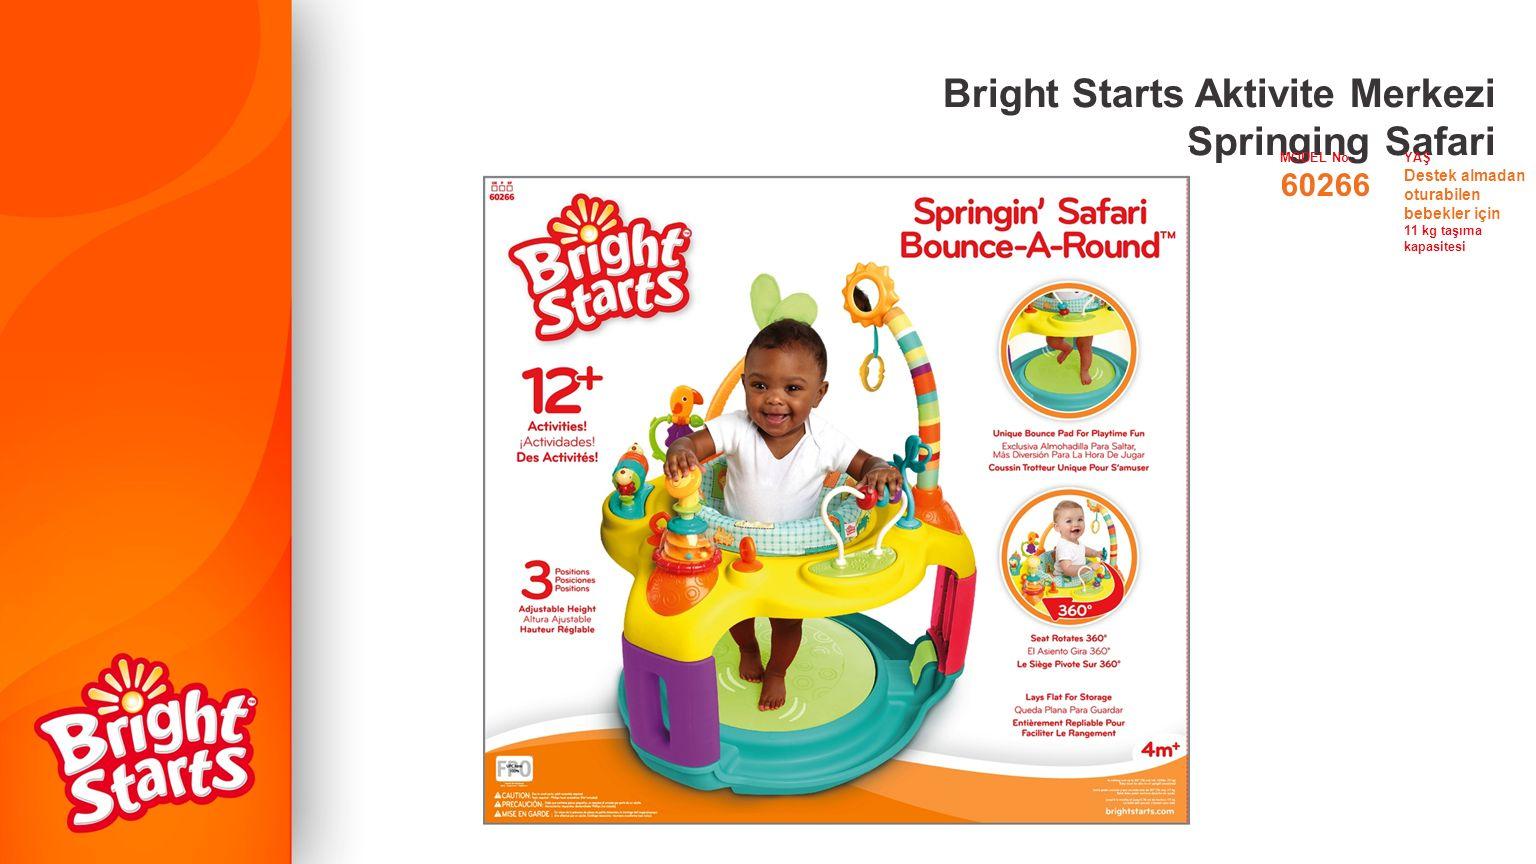 1 Bebeğe hoplama eğlencesi sağlayan benzersiz hoppala koltuğu 2 Orman temalı eğlenceli, oyuncu karakterler 3 Bebekler için 12 den fazla aktivite ile ideal oyun konsolu Ayırt Edici Önemli Özellikler Bright Starts Aktivite Merkezi Springing Safari